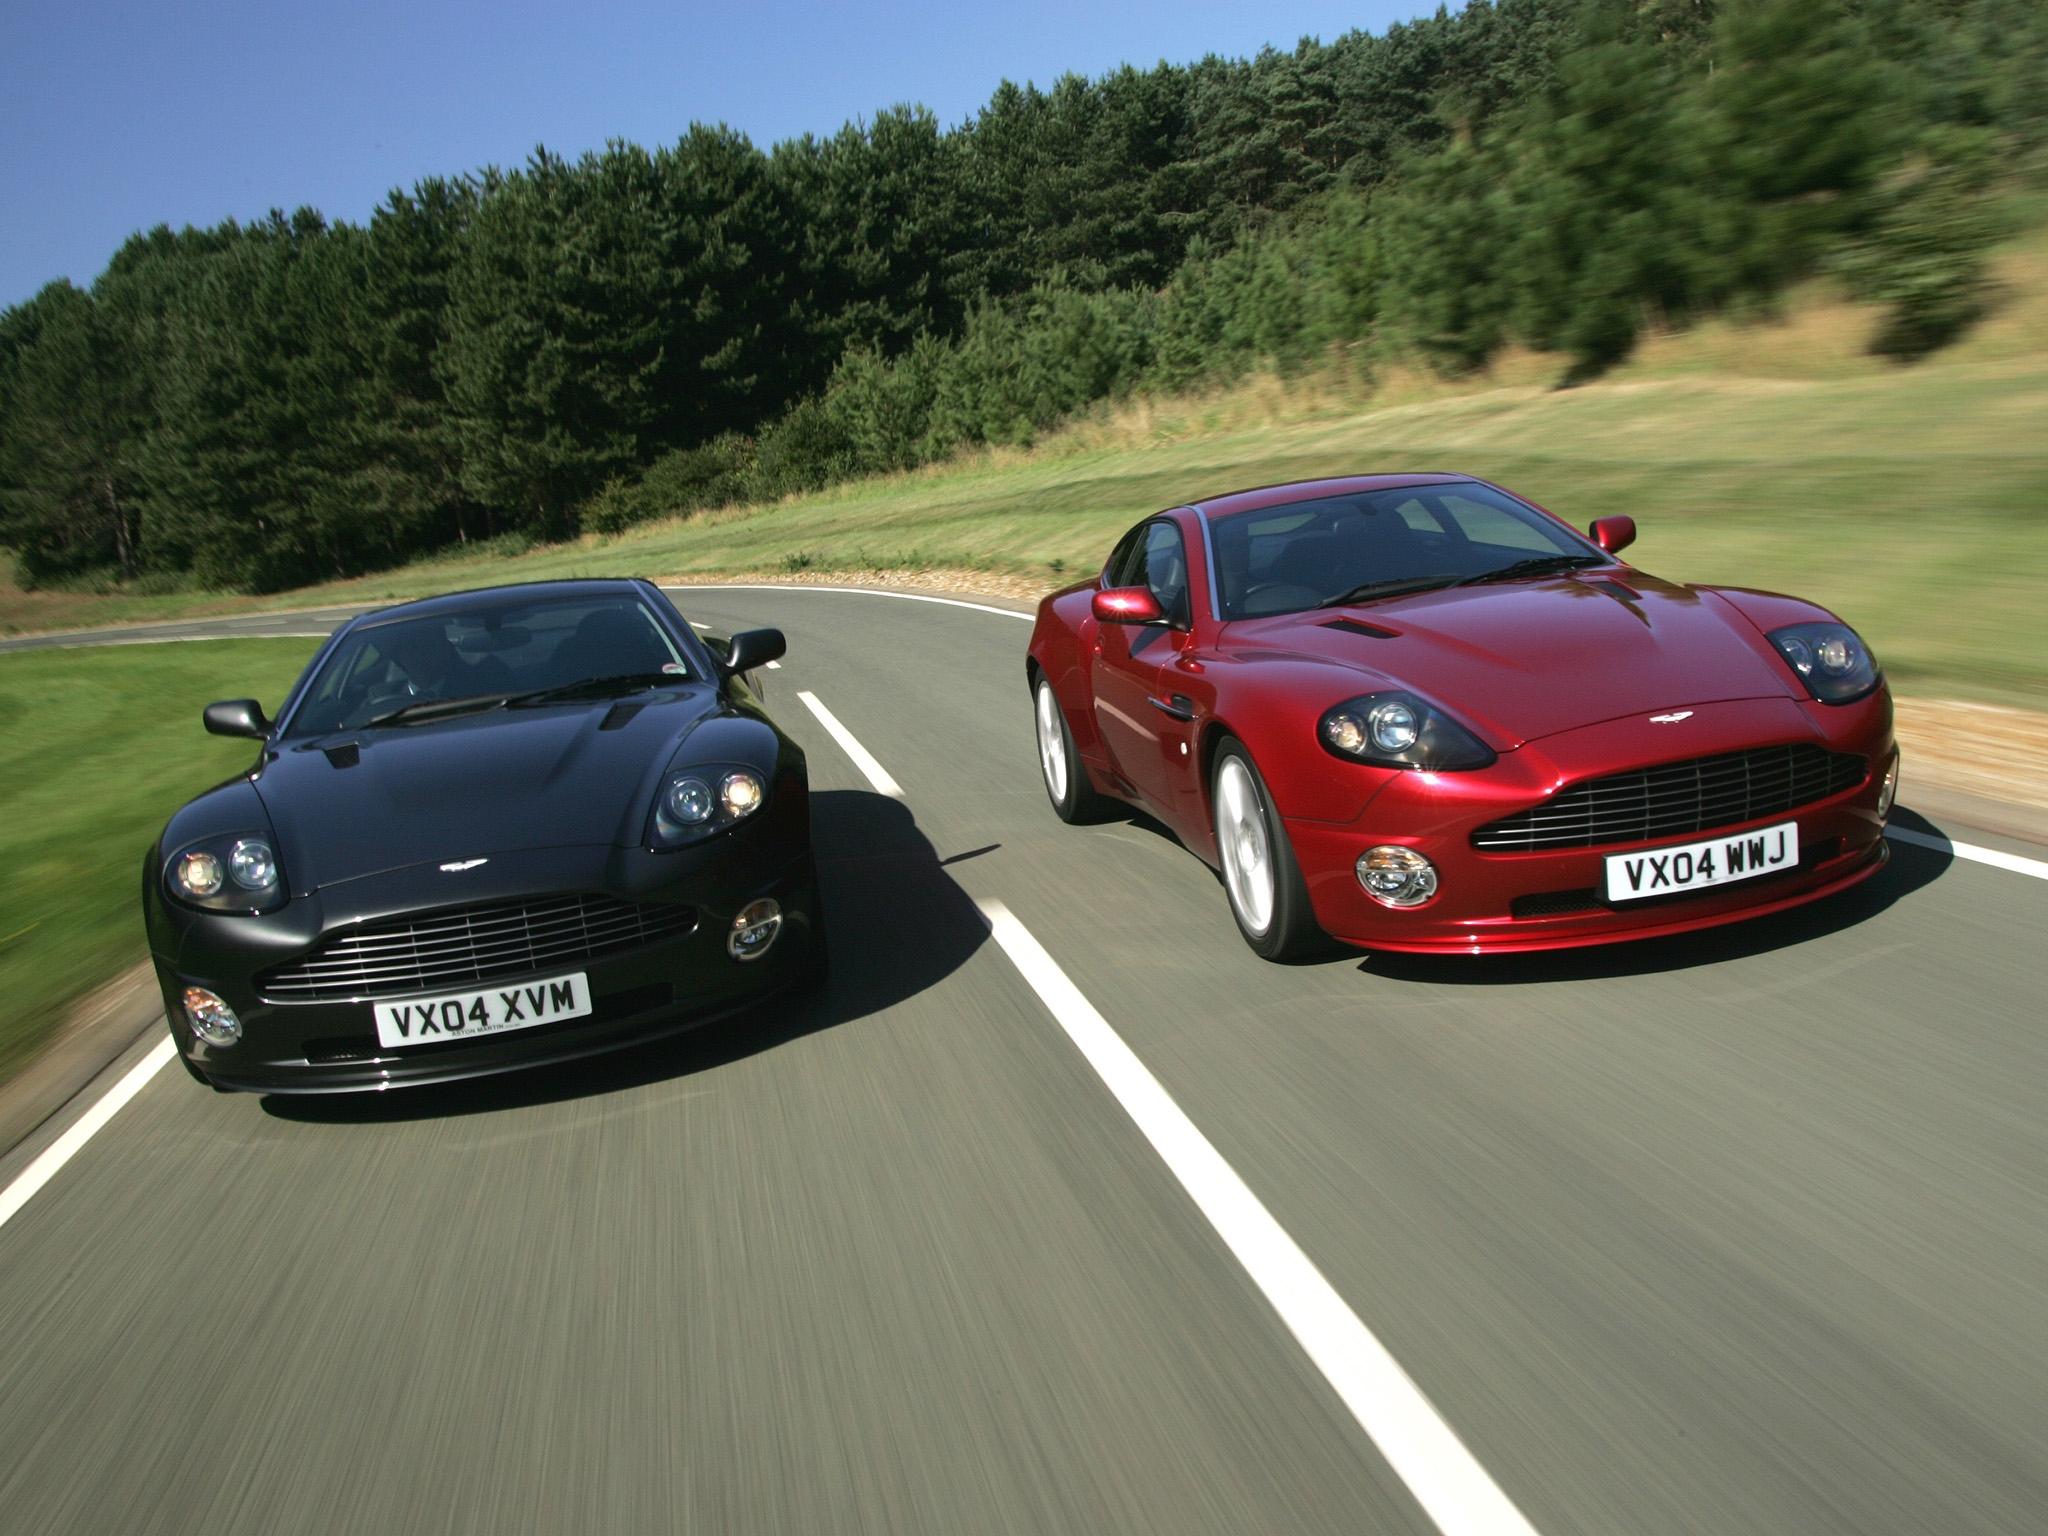 108278 скачать обои Машины, Астон Мартин (Aston Martin), Тачки (Cars), Красный, Черный, Вид Спереди, Скорость, 2004, V12, Vanquish - заставки и картинки бесплатно